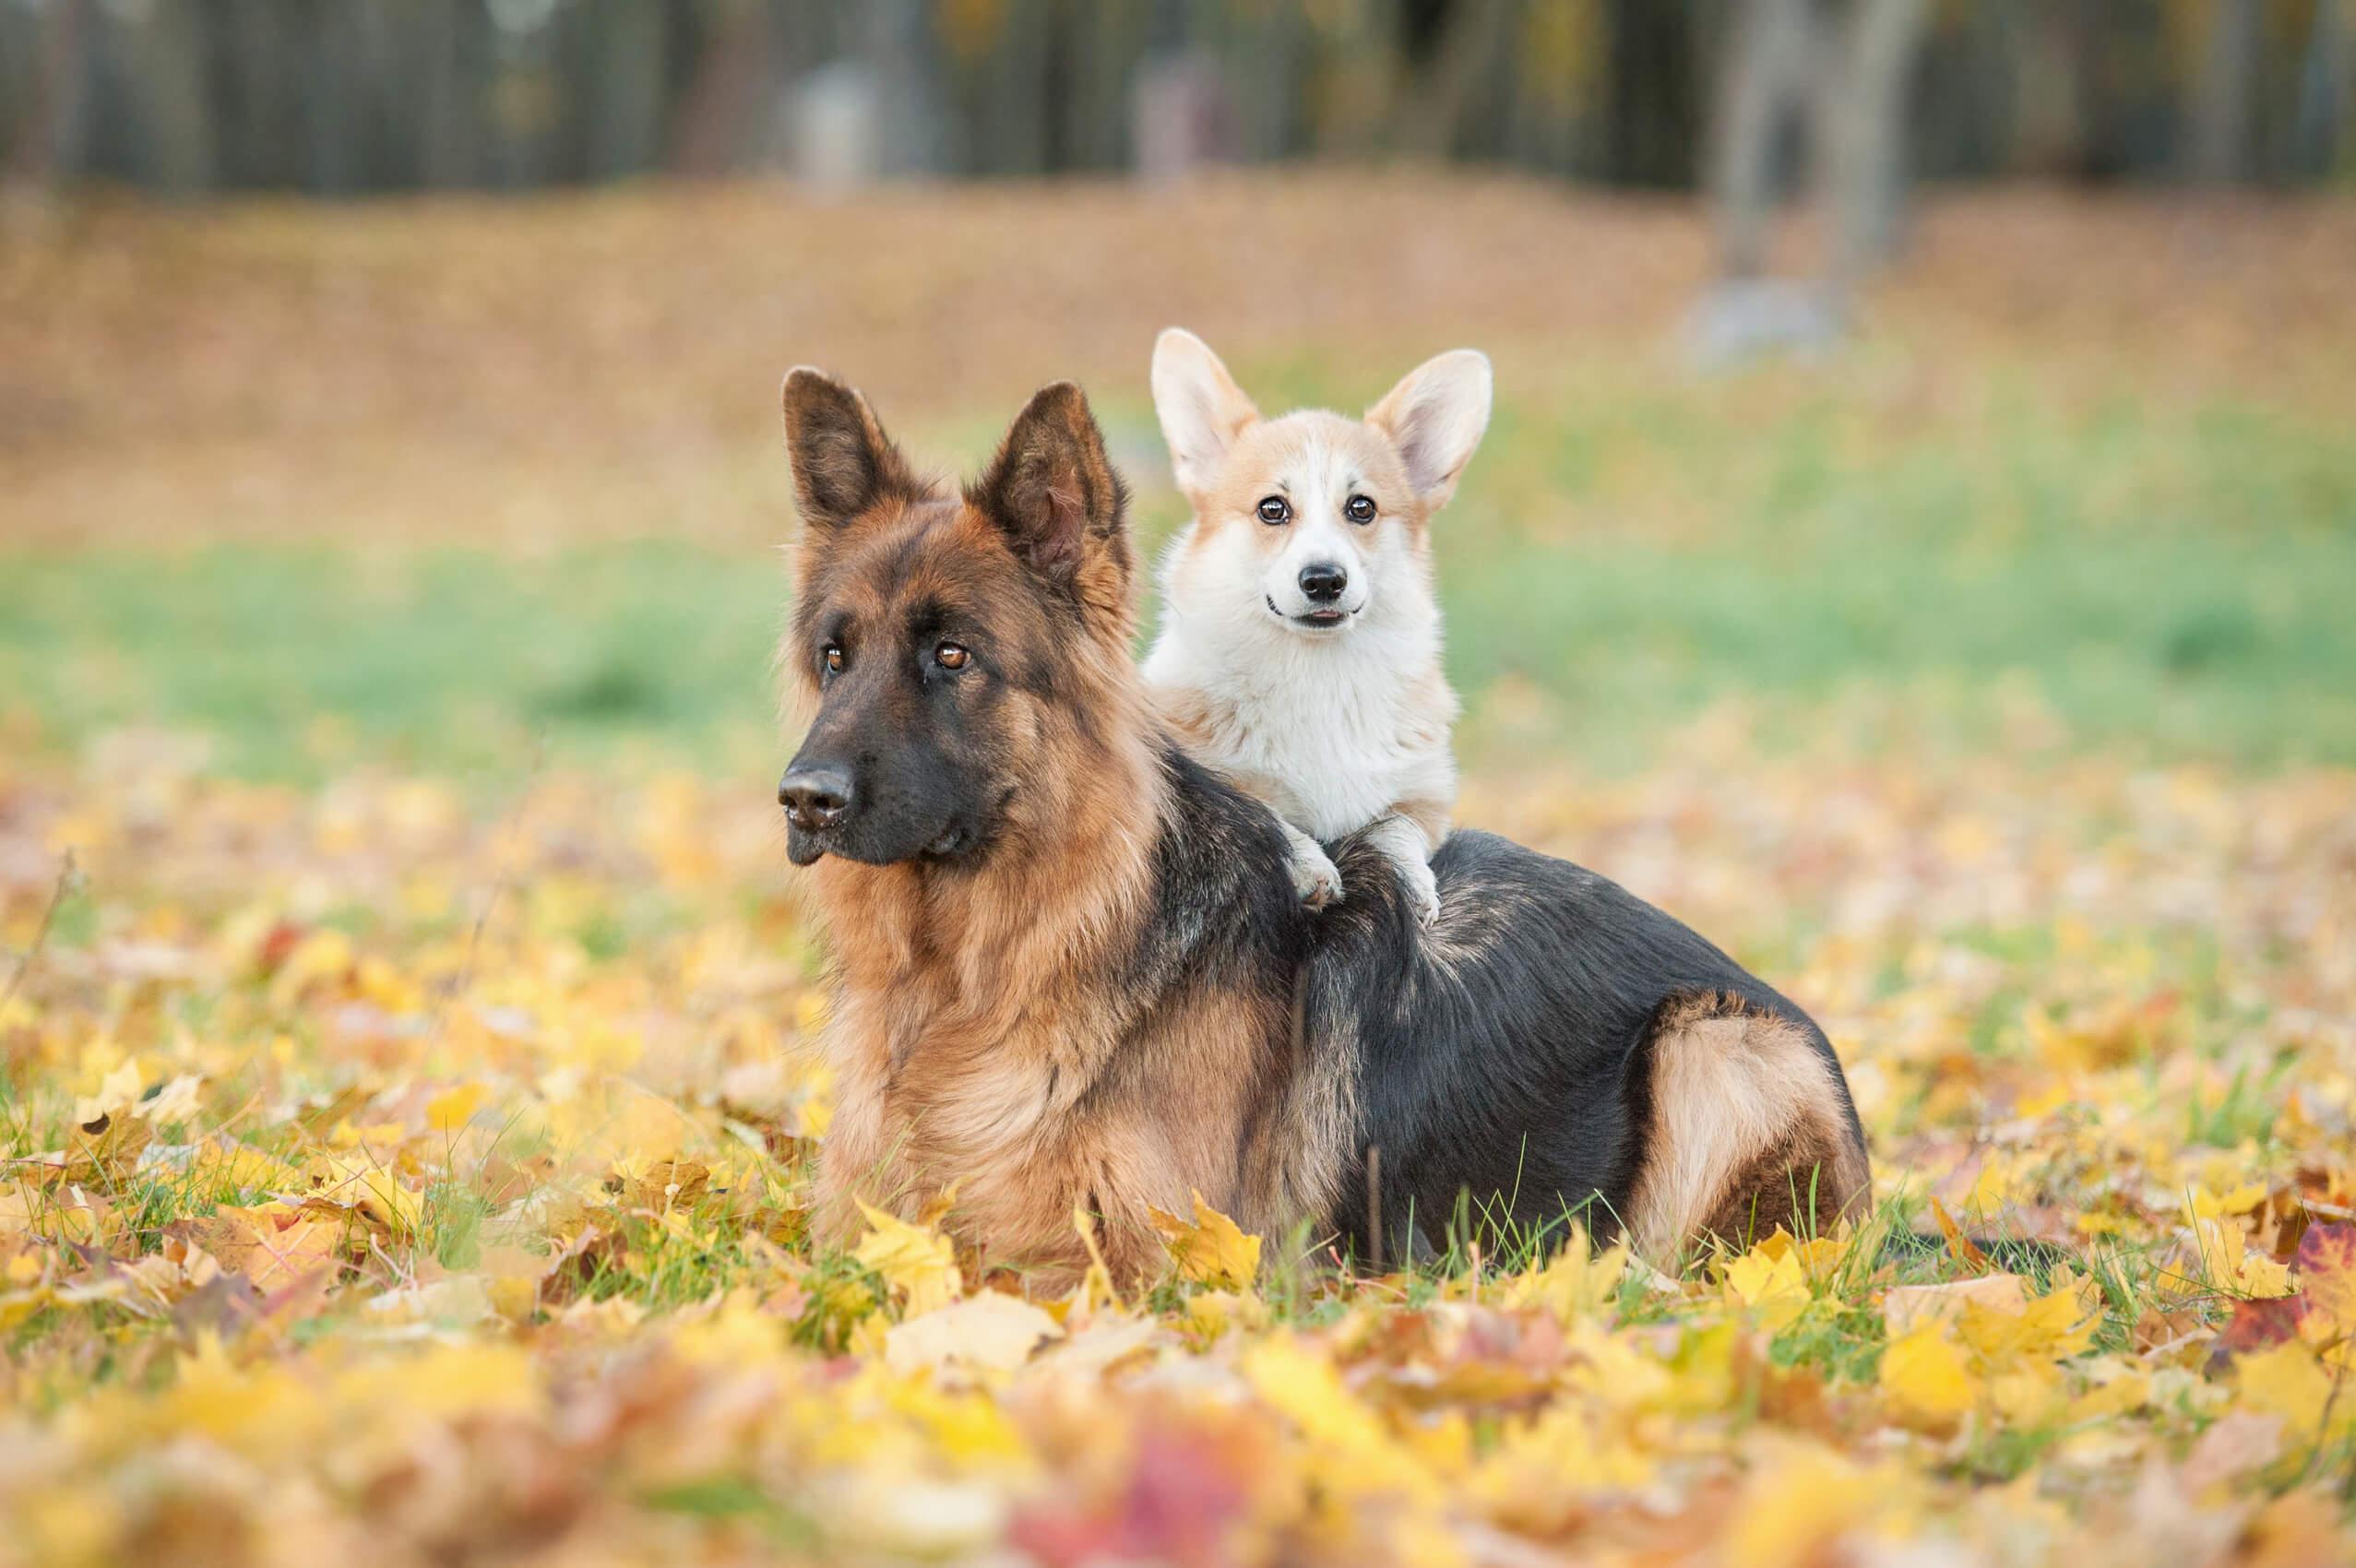 german shepherd and corgi laying down together